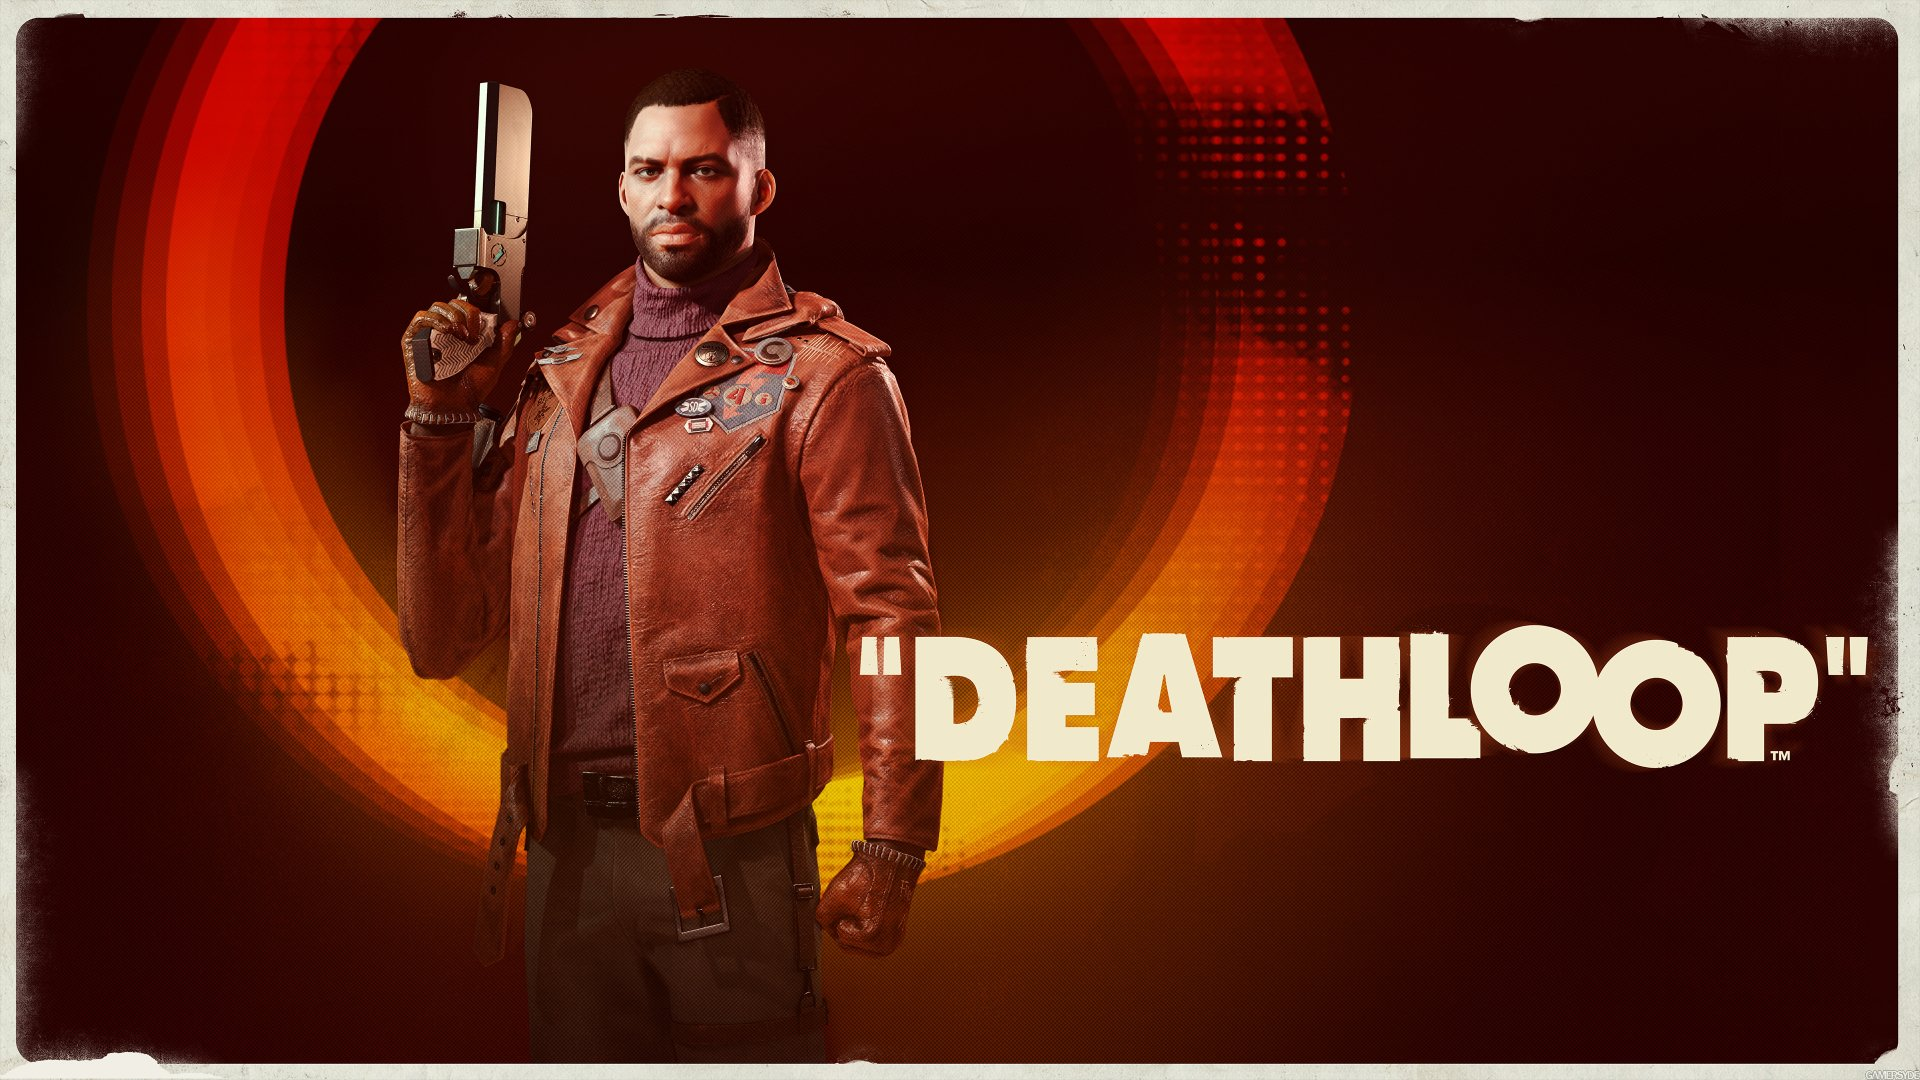 Review: deathloop - brincando de detetive com a morte. Deathloop apresenta personagens bem desenvolvidos com uma trama sólida e combate extremamente agradável.